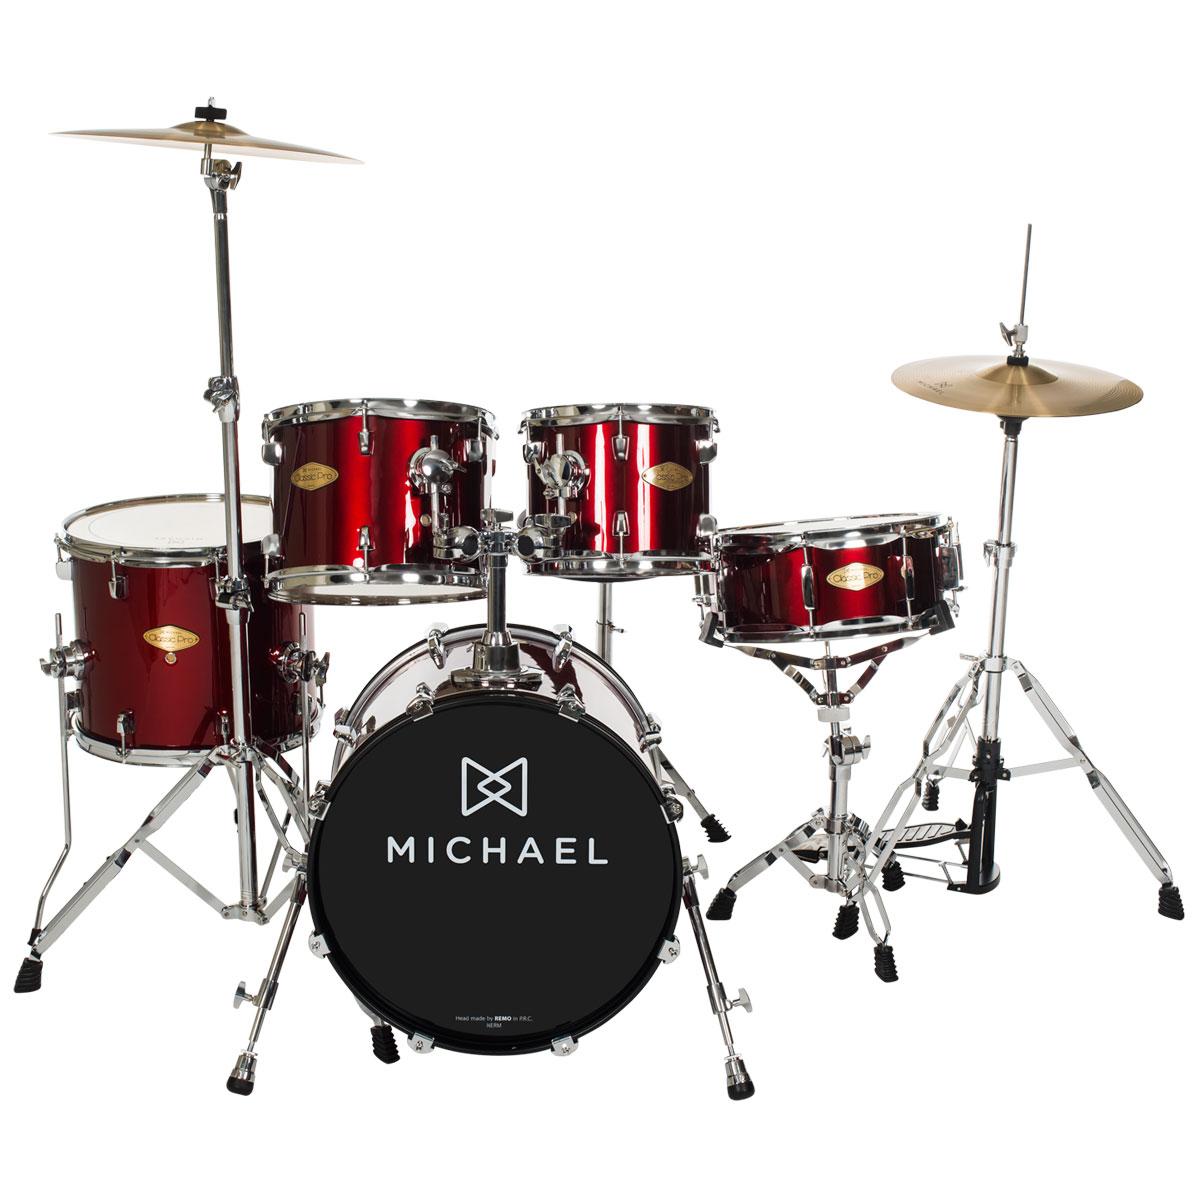 Bateria Acústica Bumbo 18 Polegadas Classic Pro DM841 WR Vinho Vermelho - Michael